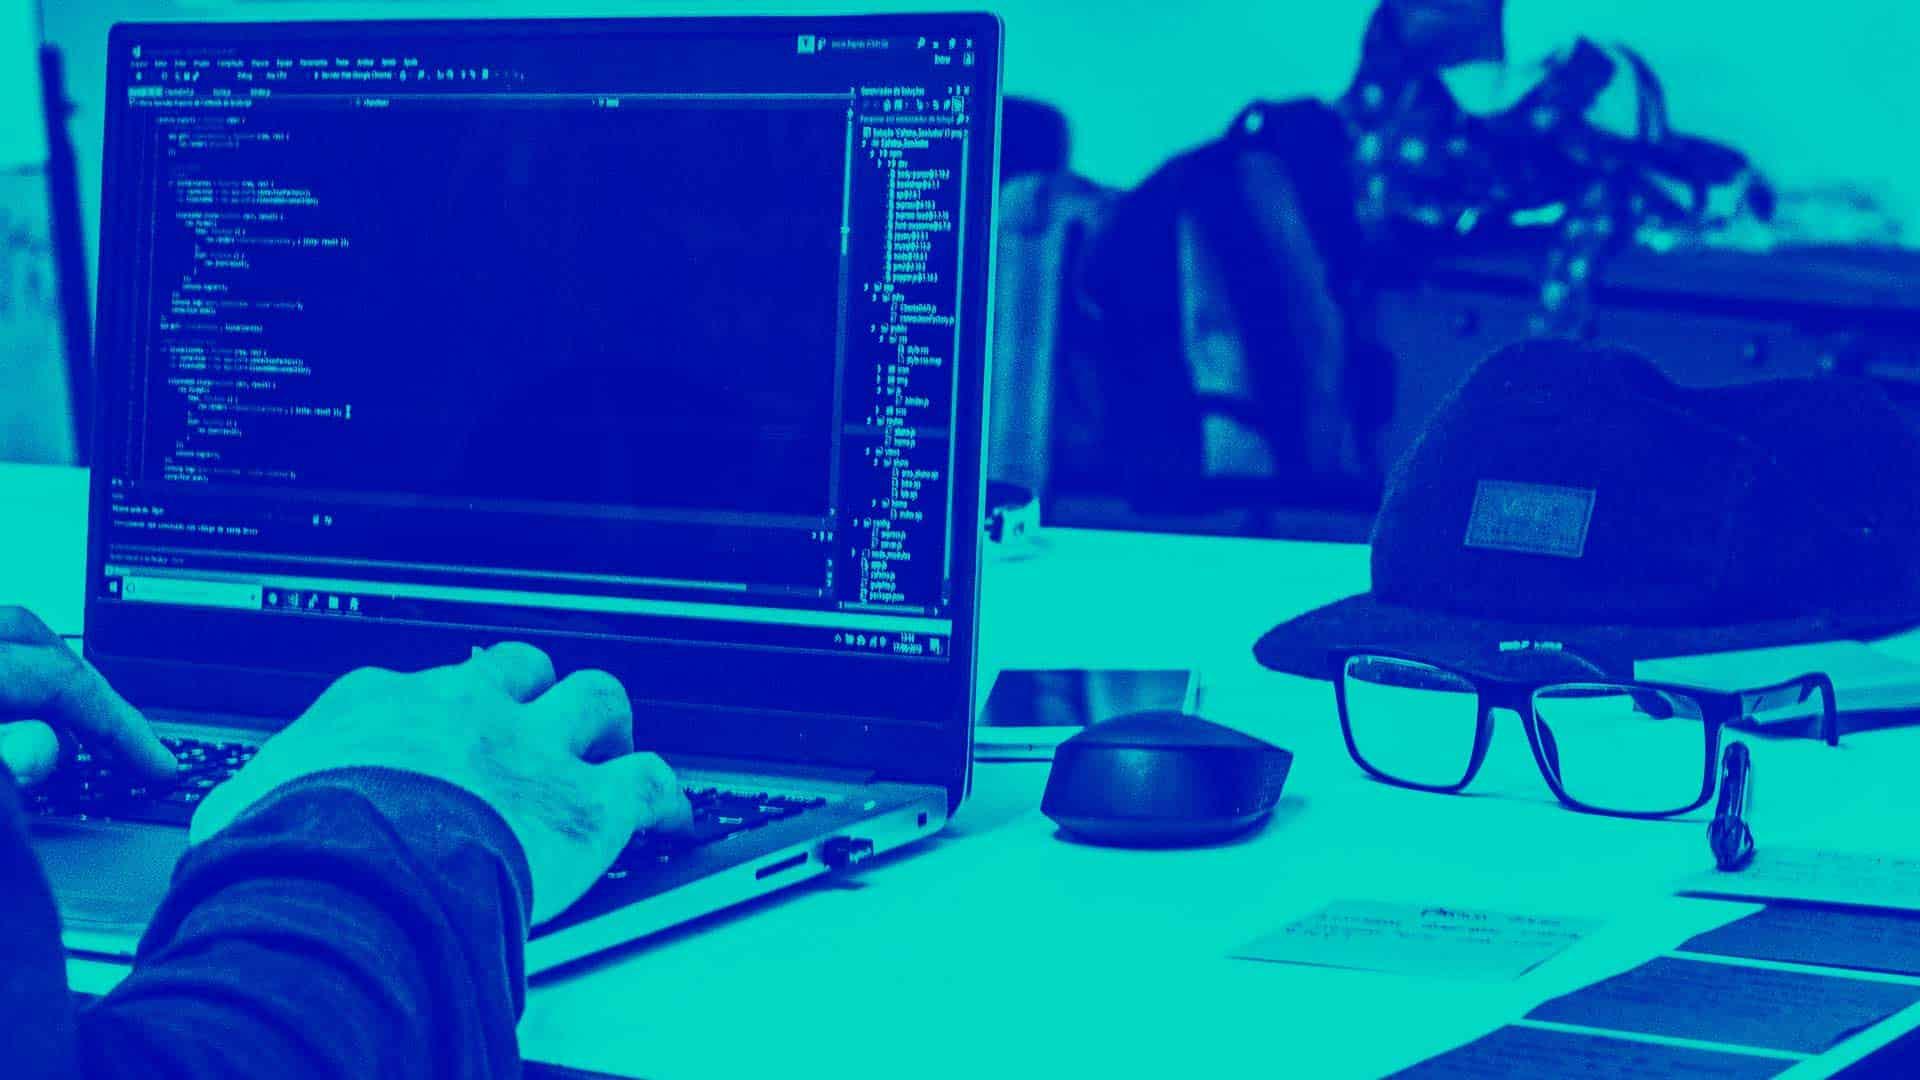 ¿Qué es MySQL? ¿Cómo surgió? ¿Cuáles son sus características?